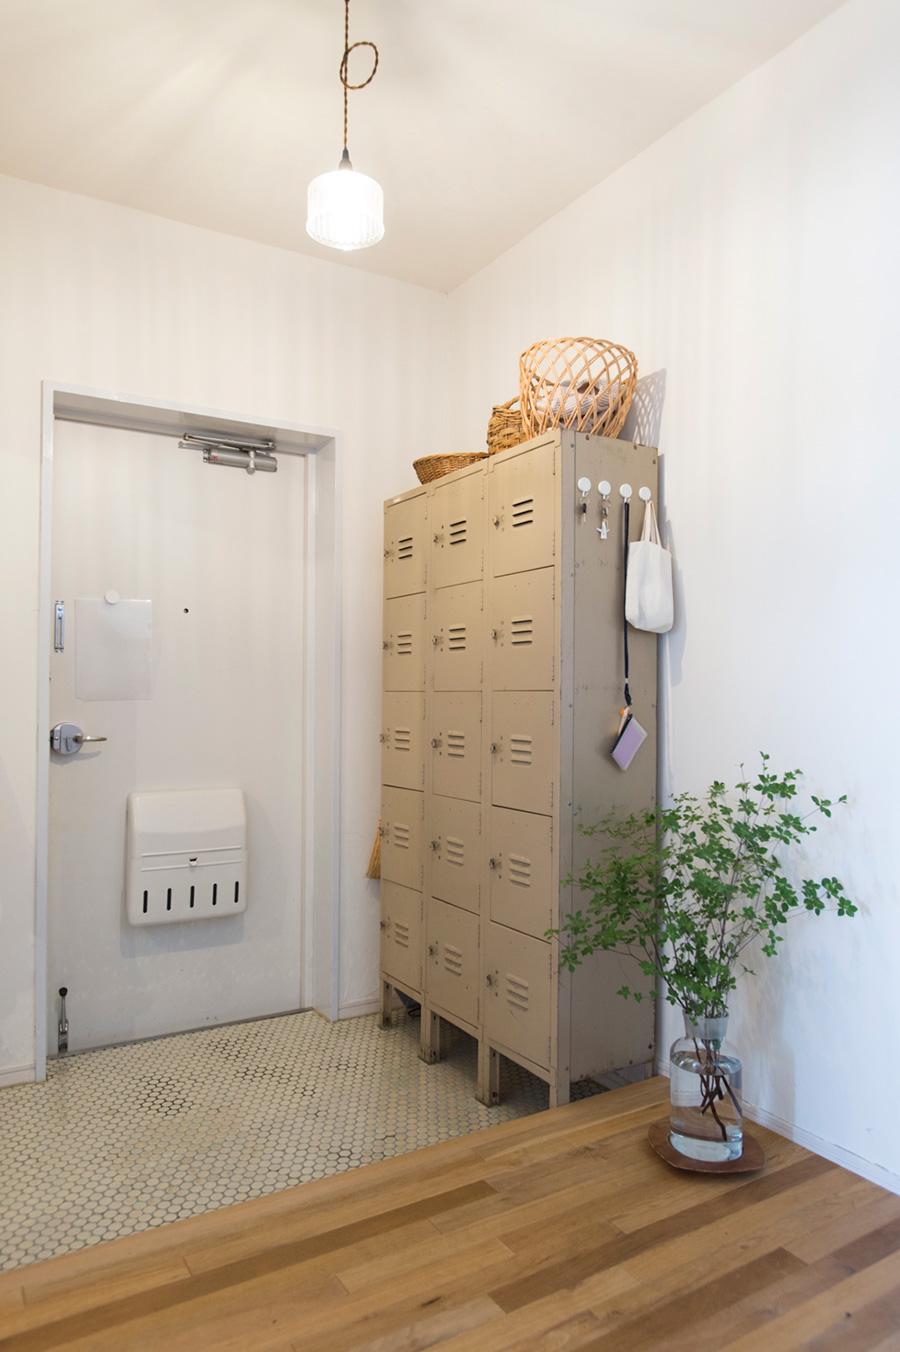 スチールのロッカーがかっこいい田中邸の玄関。タイルはDIYで貼ったそう。鍵はロッカー横を定位置に。